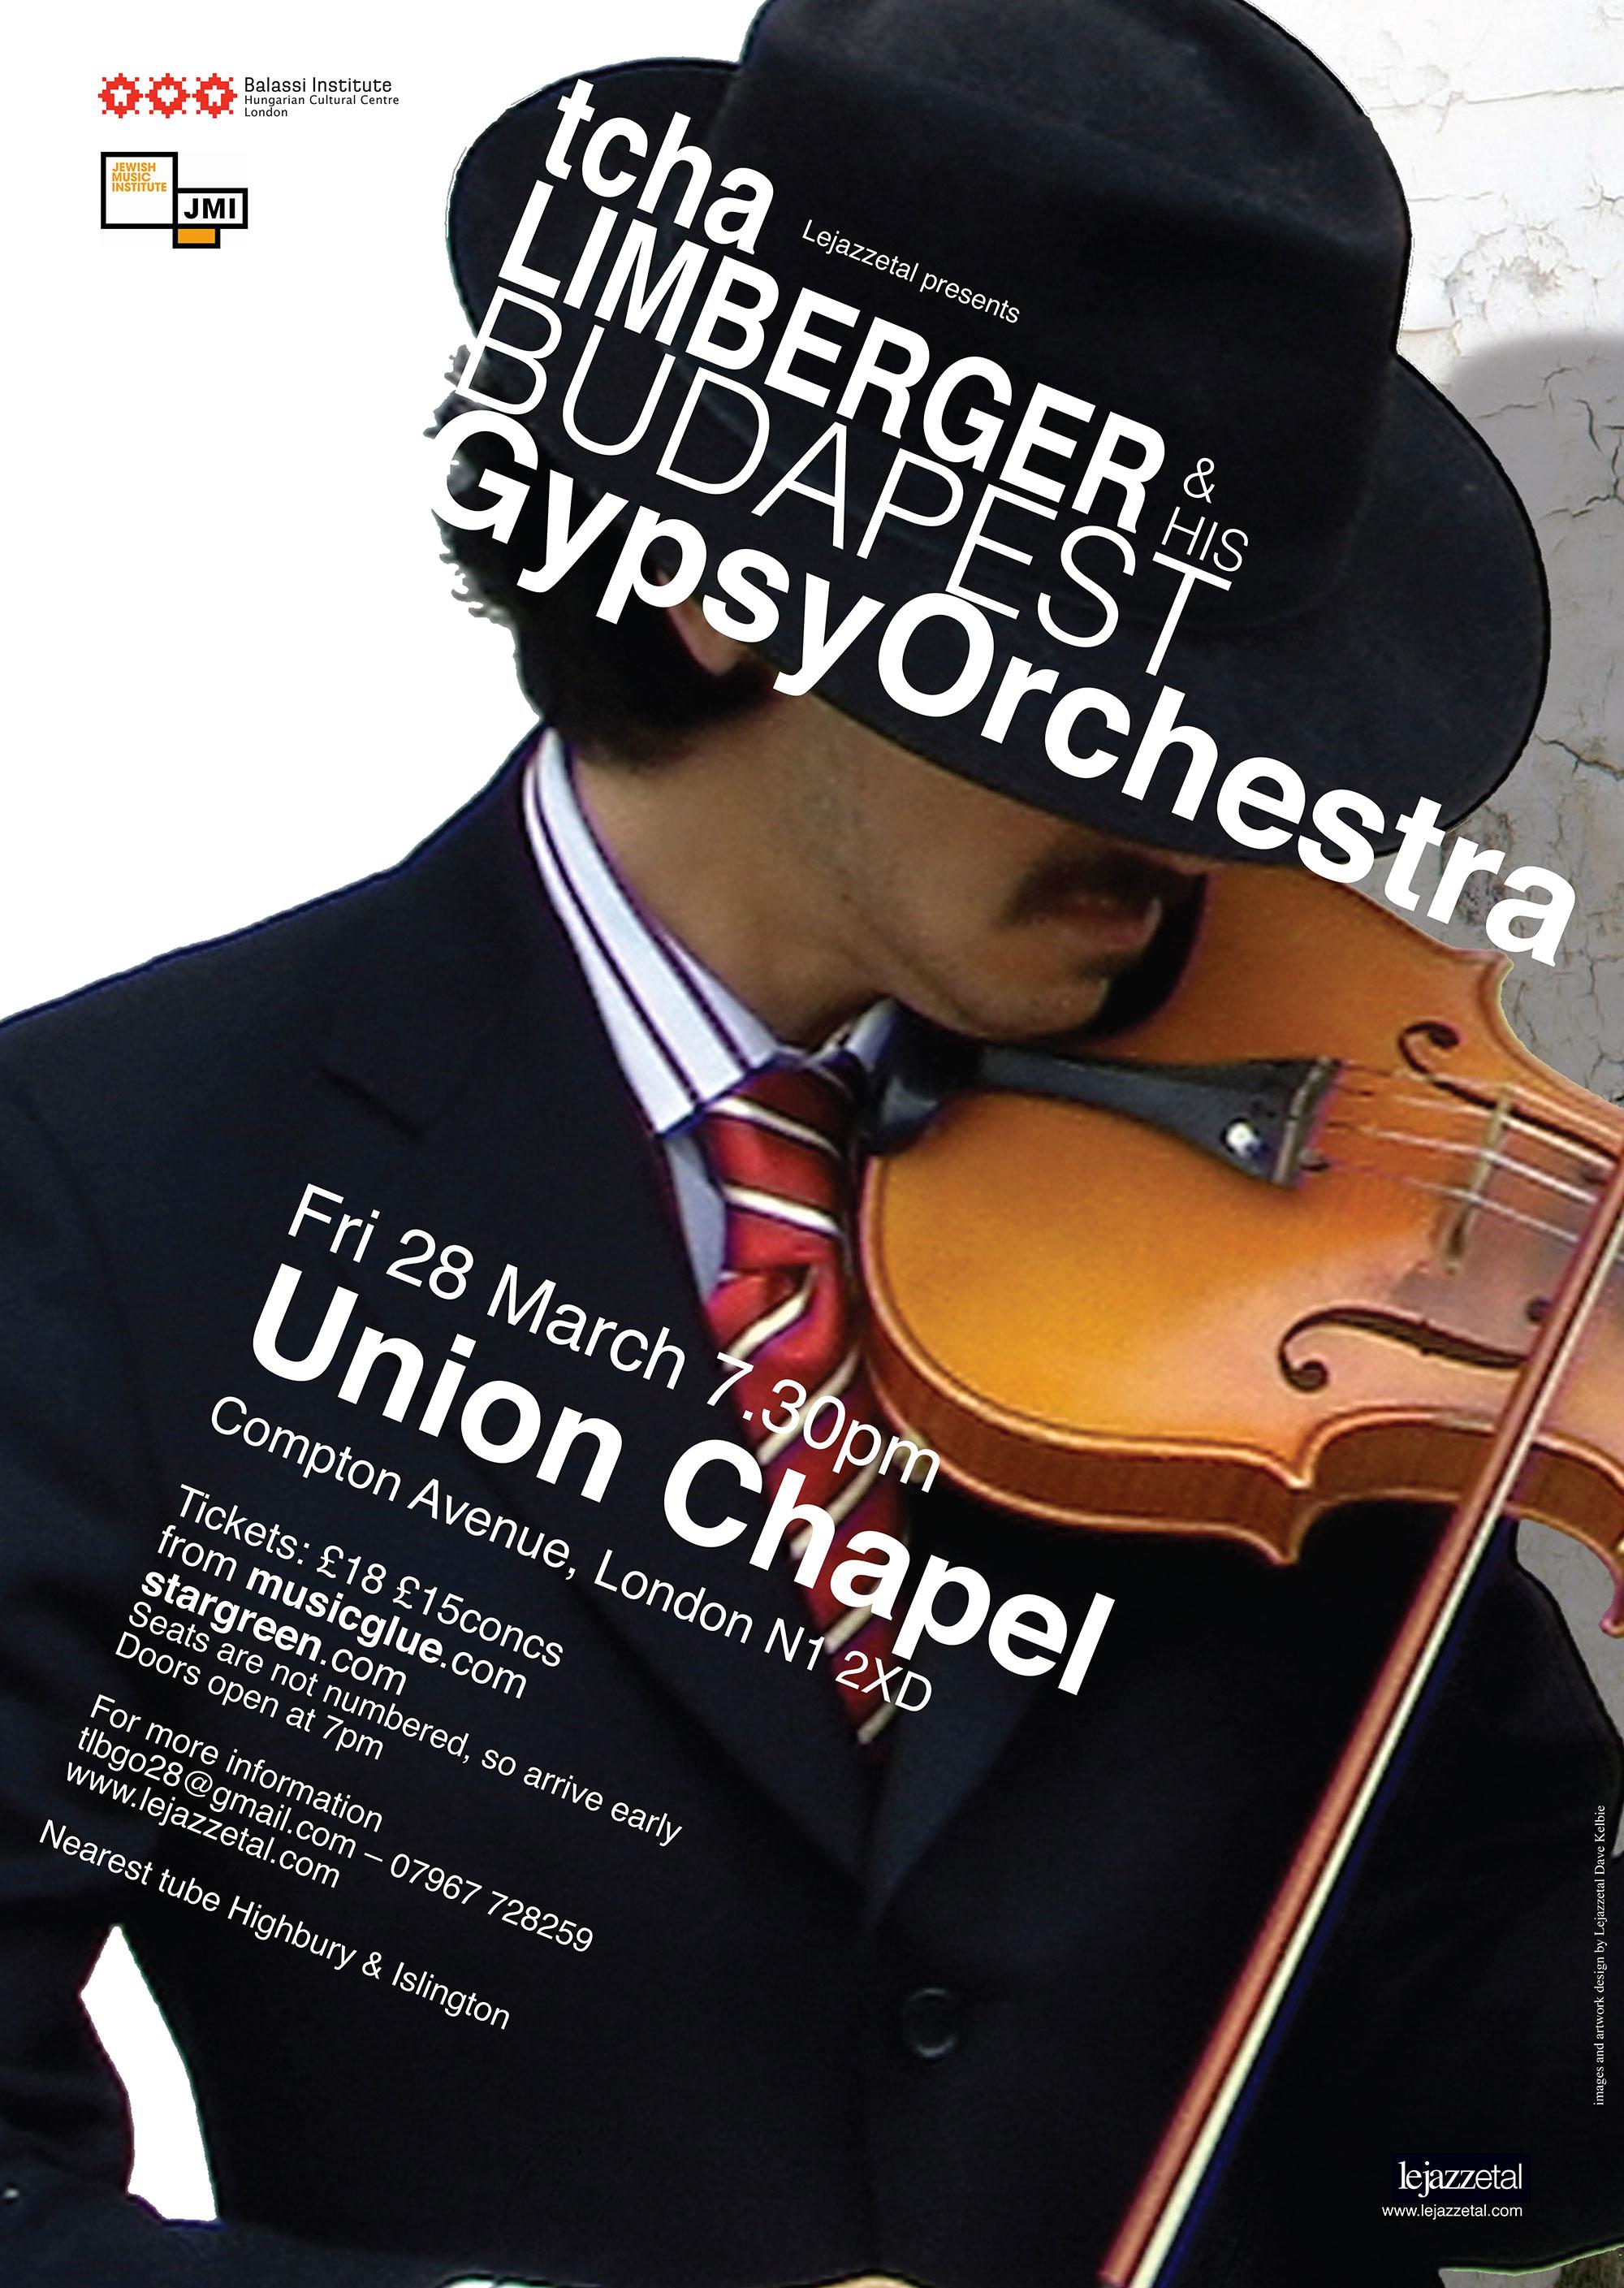 Budapest Gypsy Orchestra poster